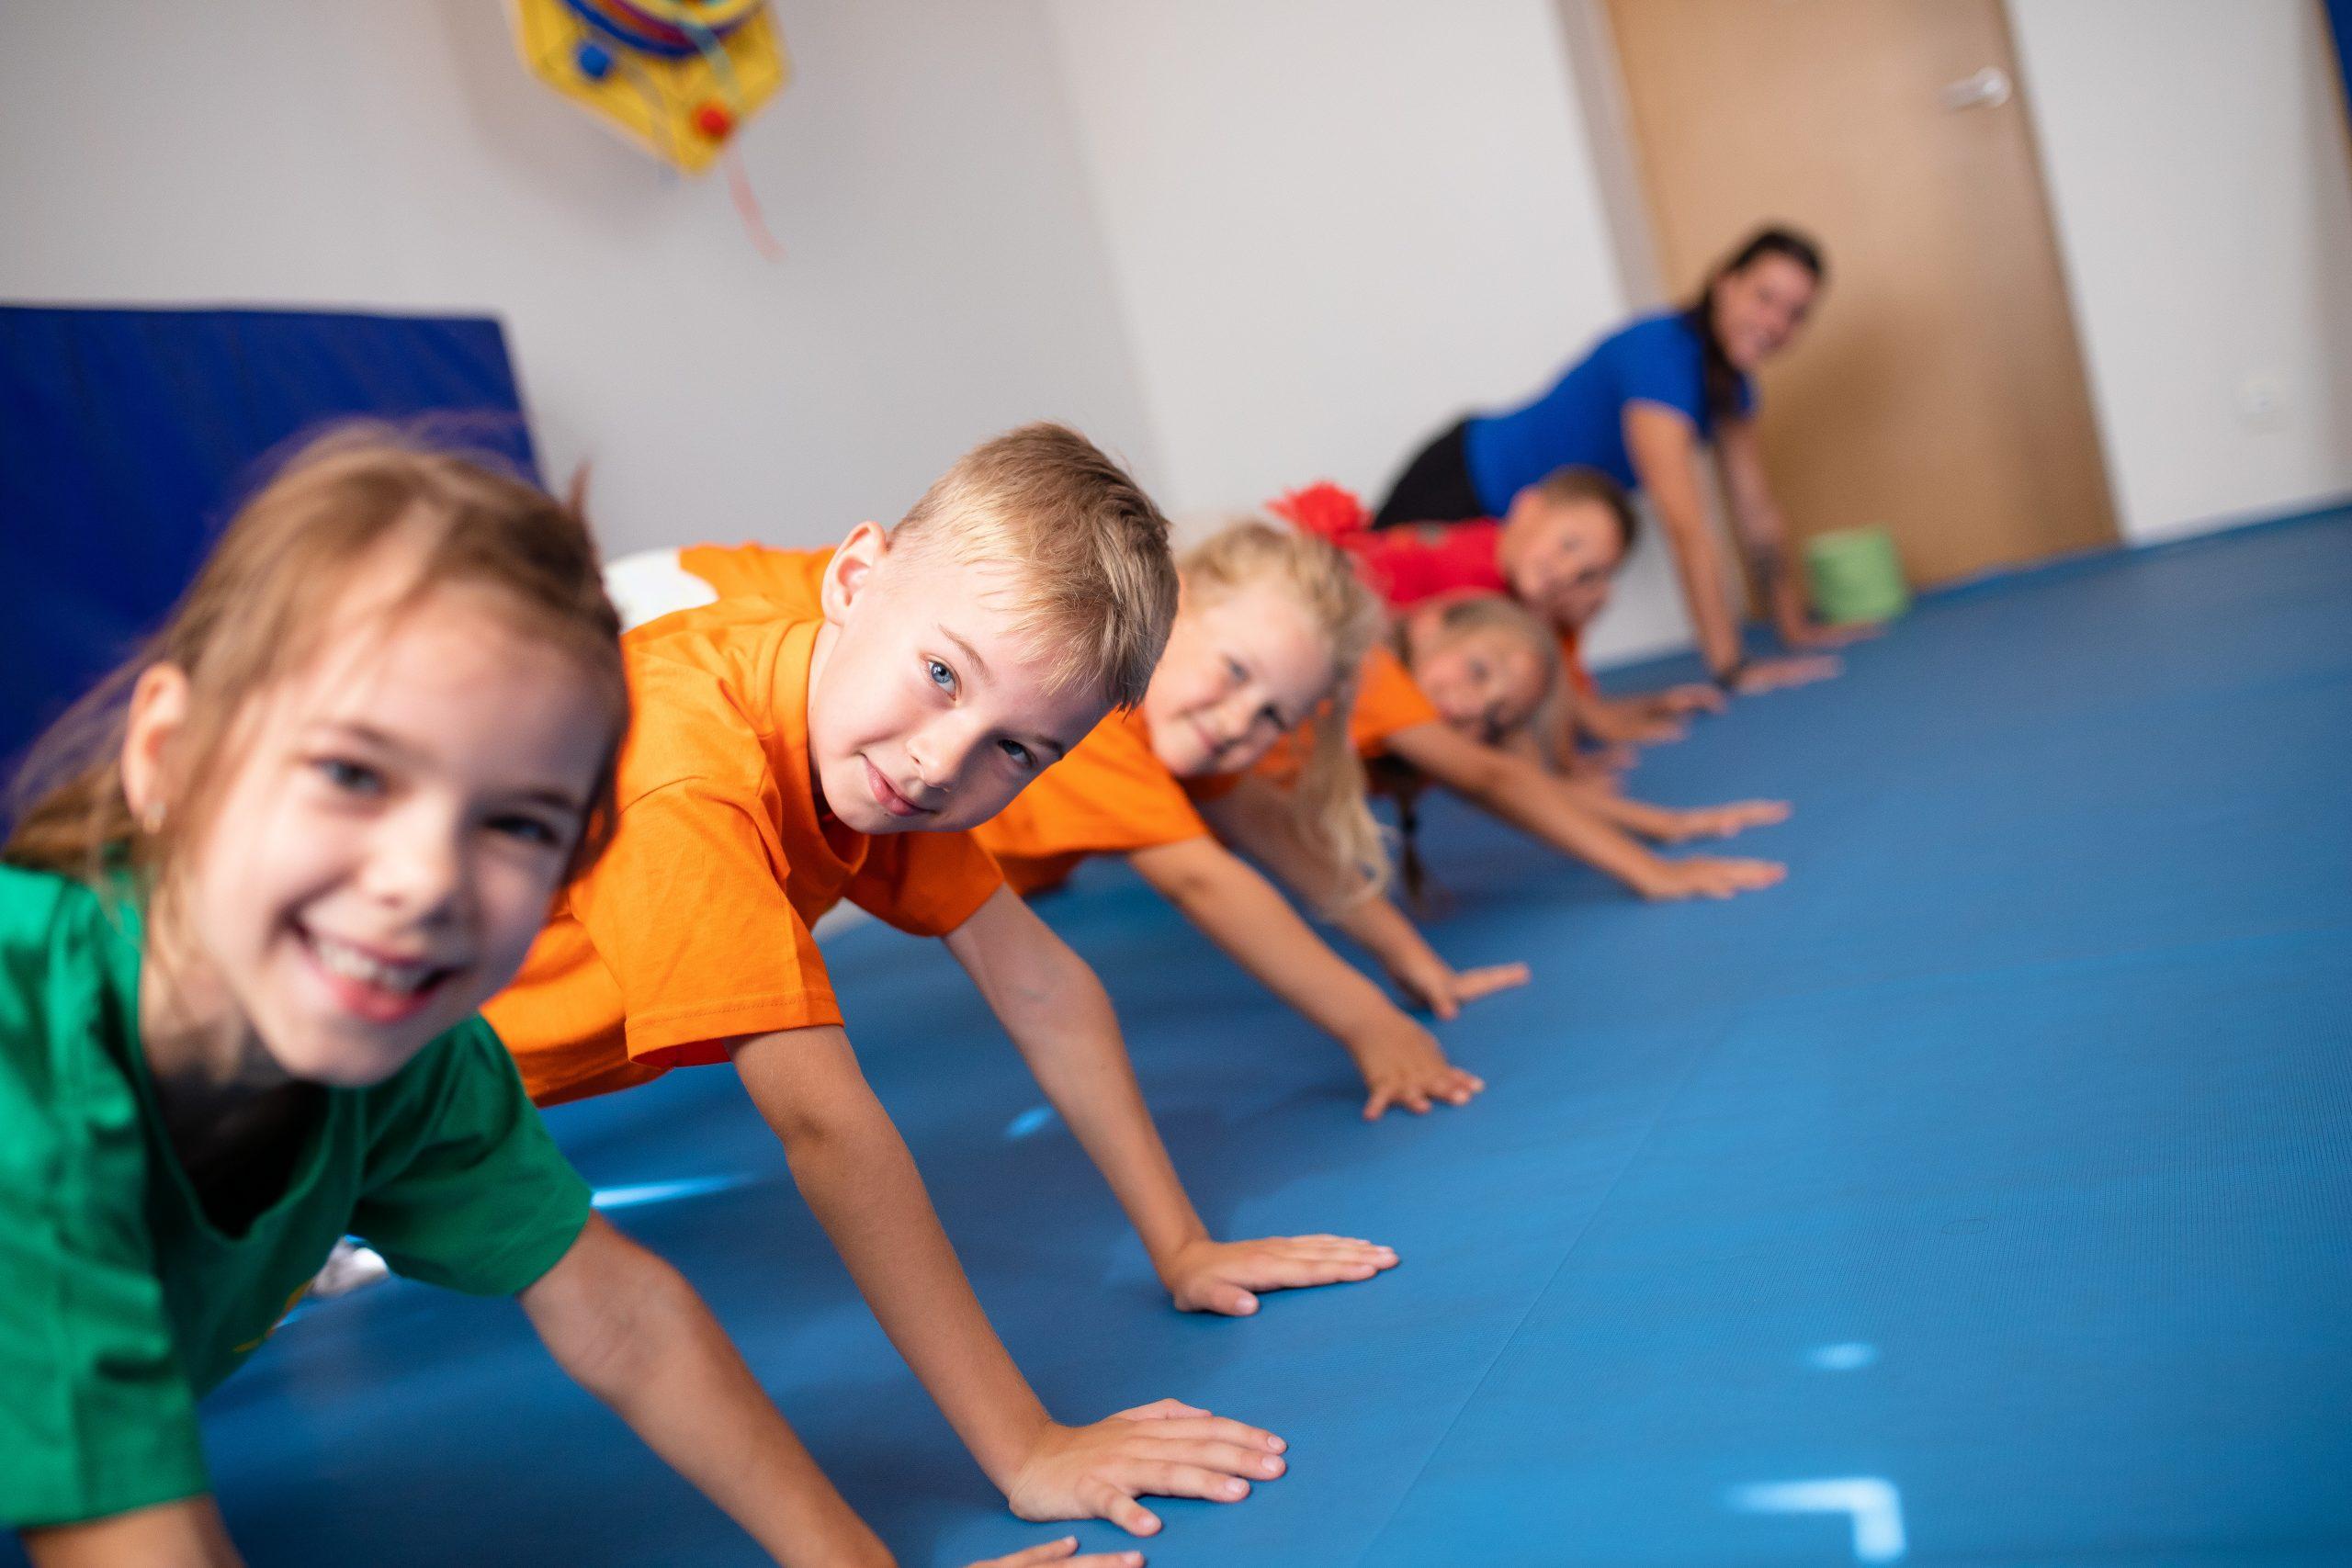 Uzsiemimai vaikams bureliai vaikas fizinis aktyvymas vaikusportas Strakaliukas